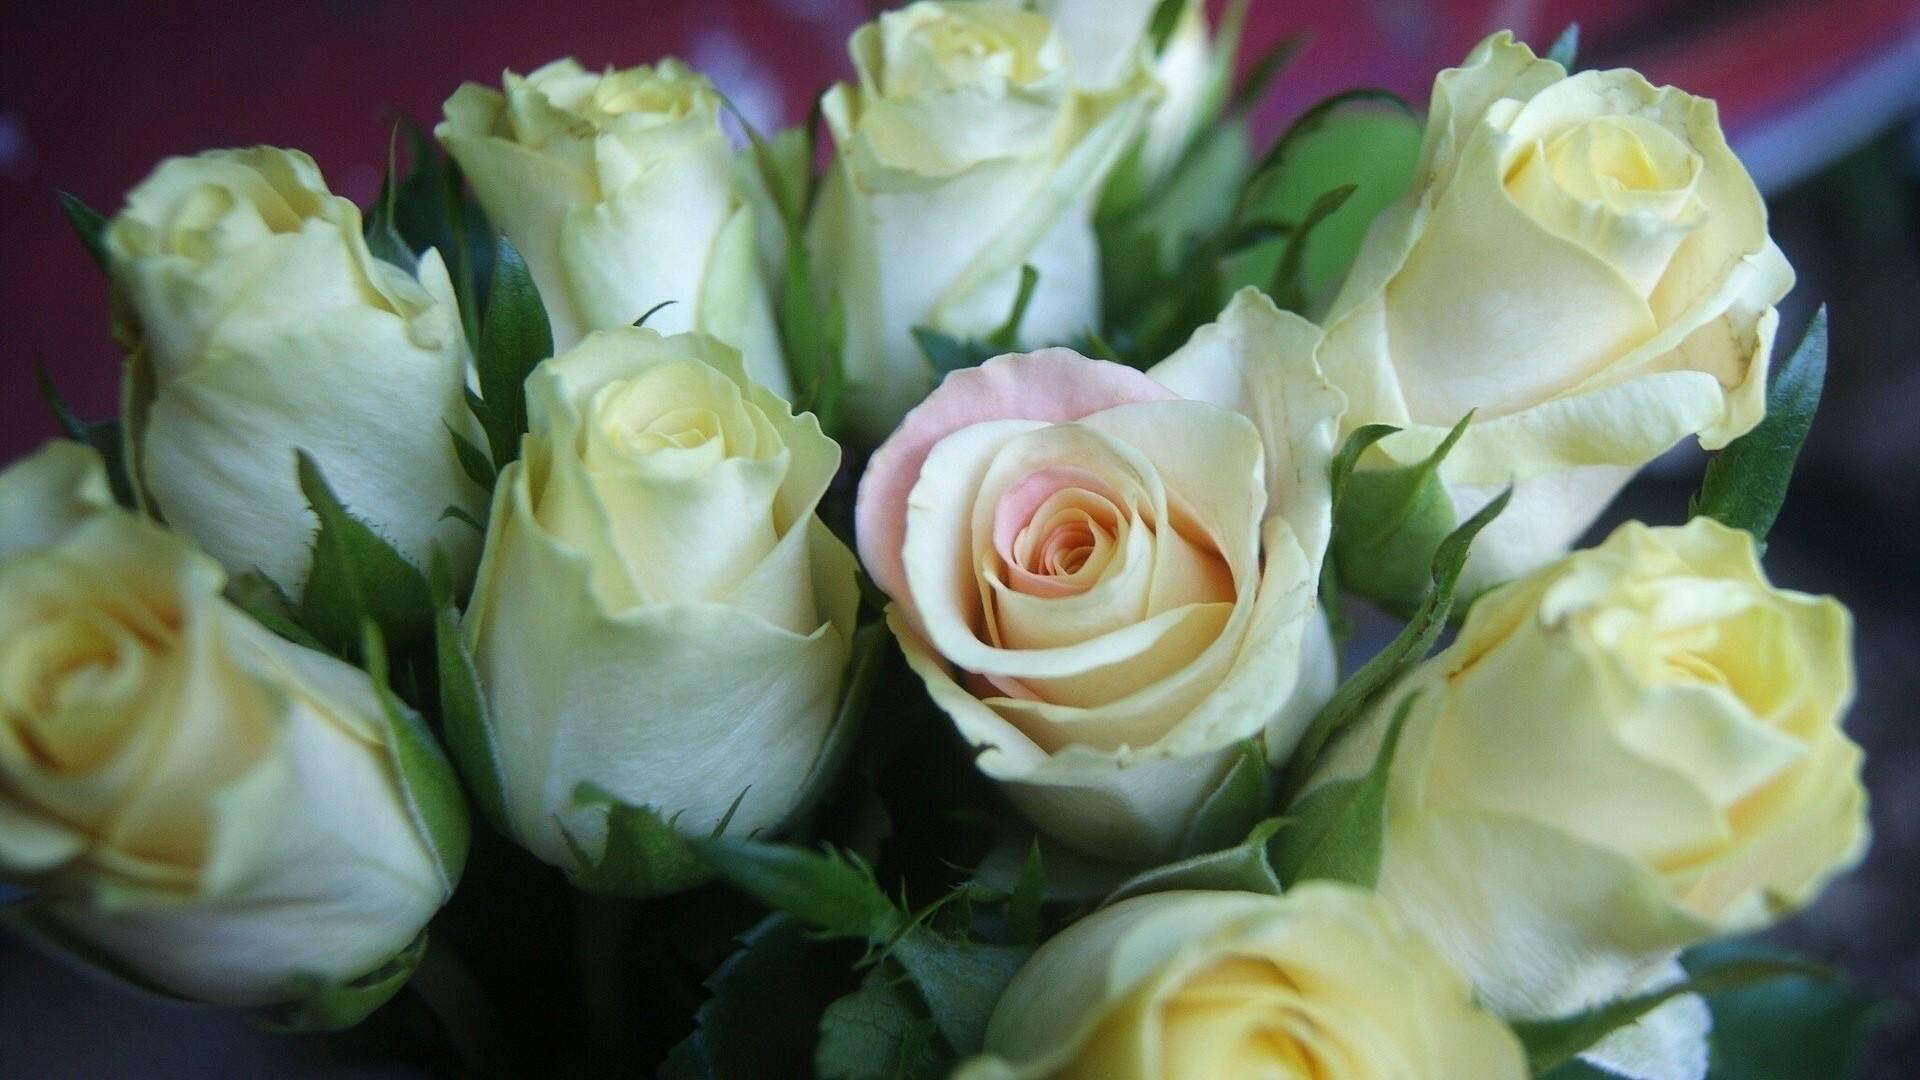 Открытка с красивыми белыми розами